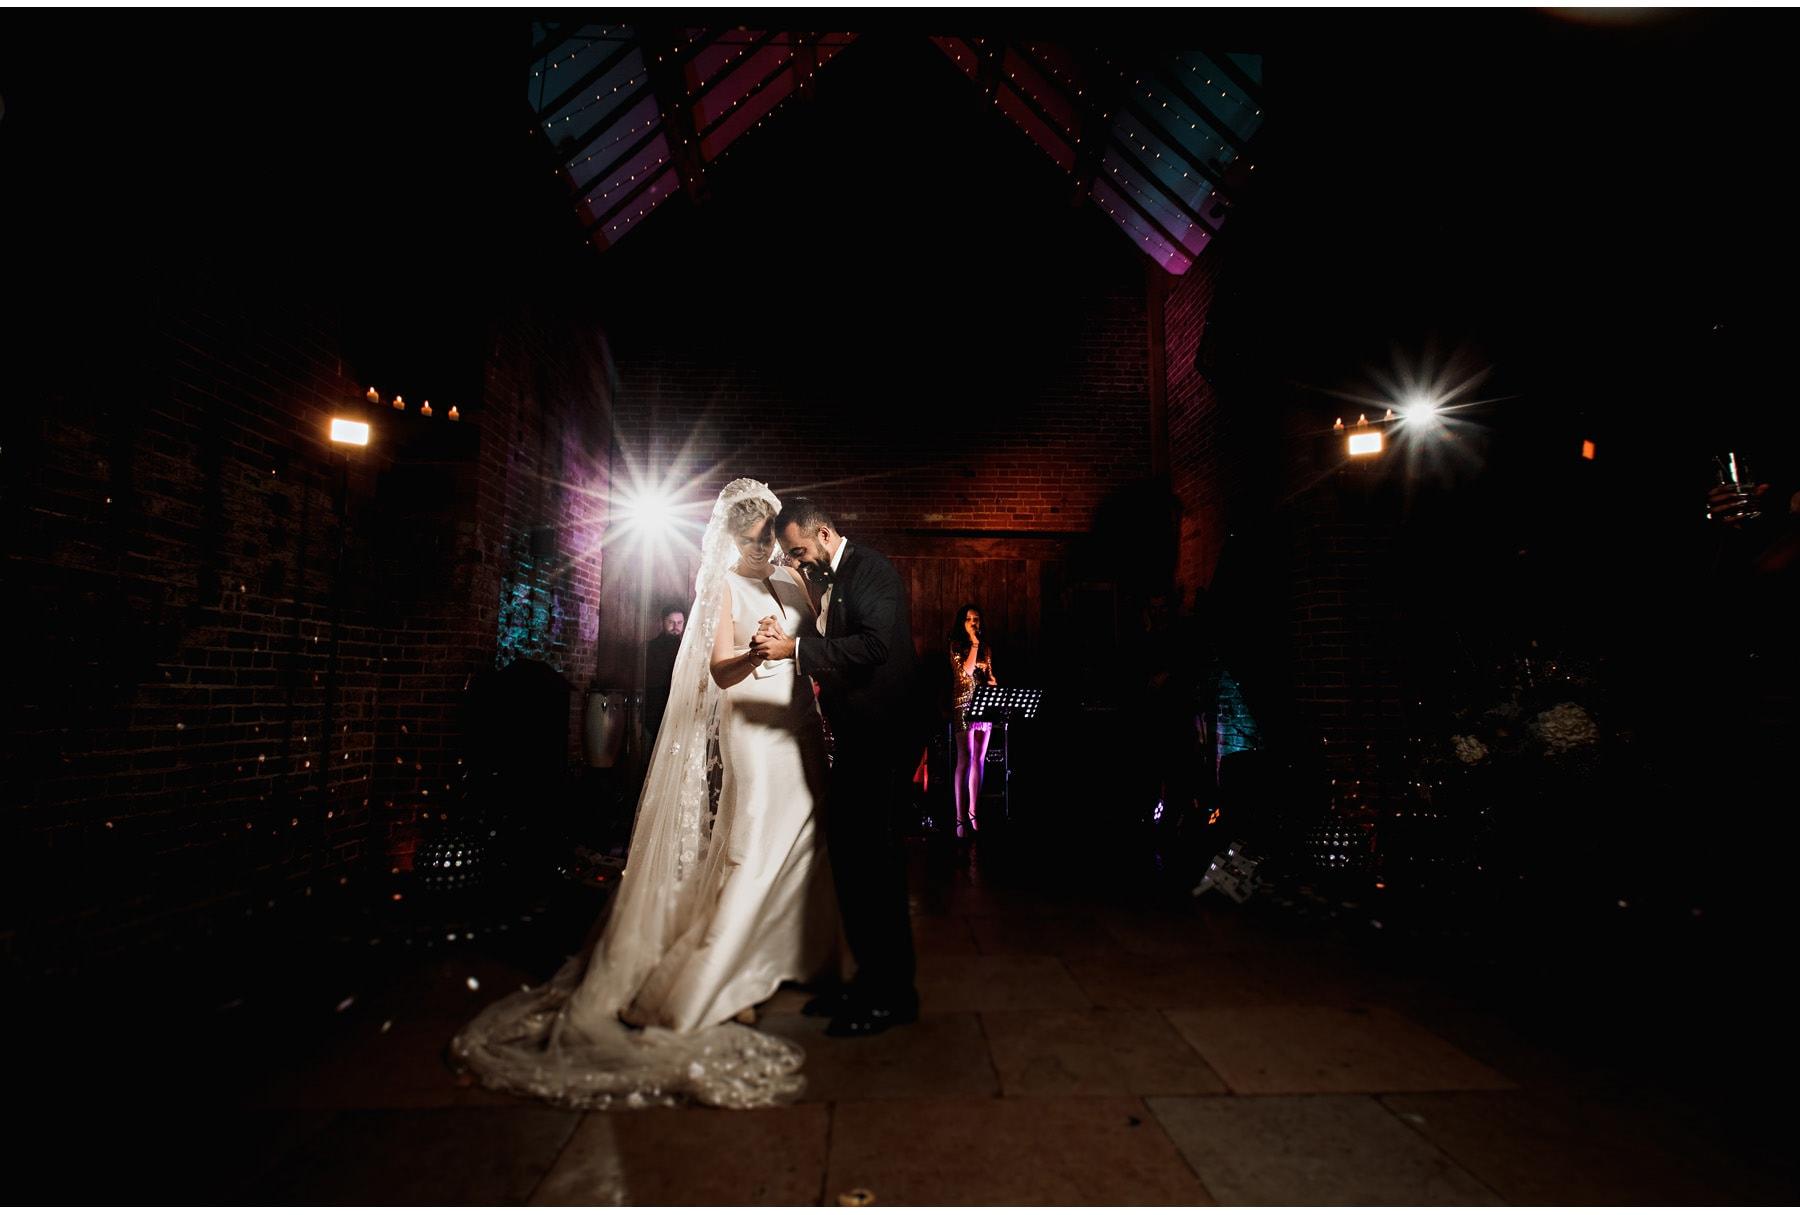 The first dance at Shustoke Barn